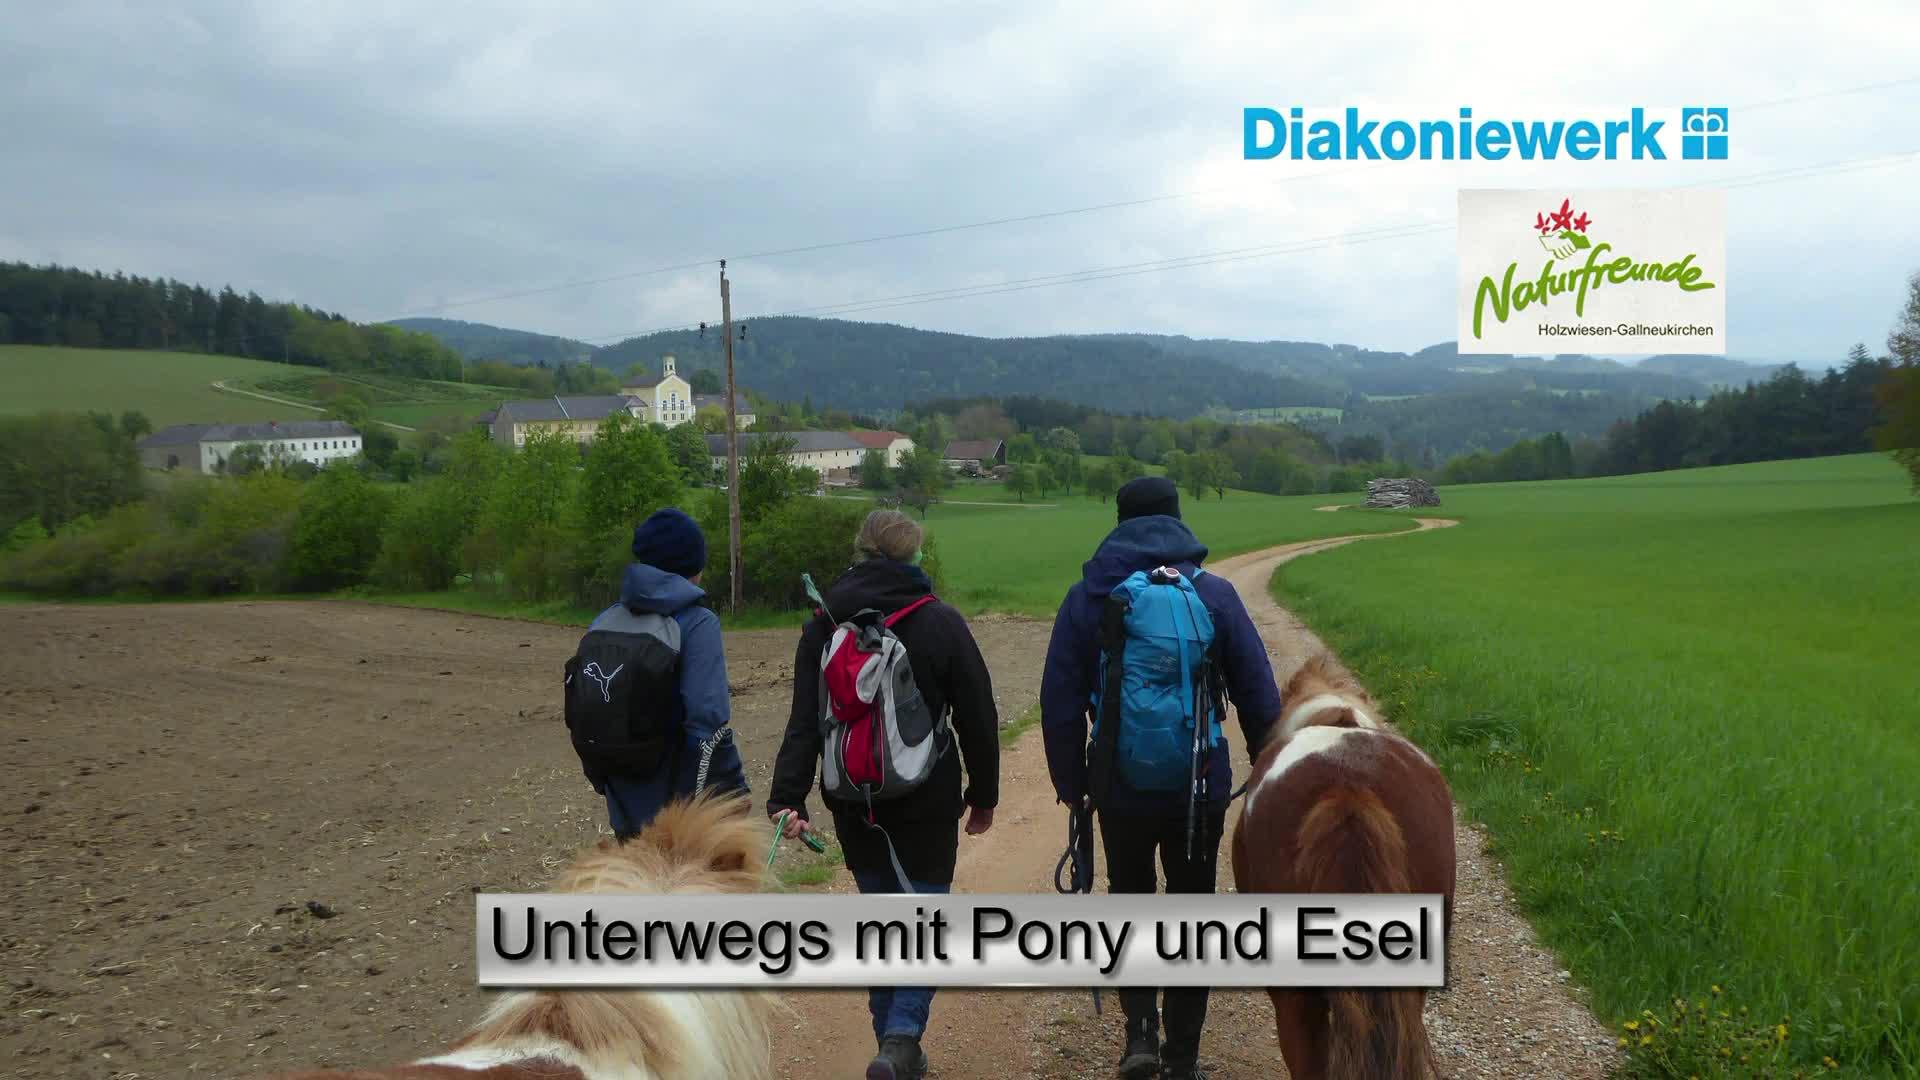 Unterwegs mit Pony und Esel